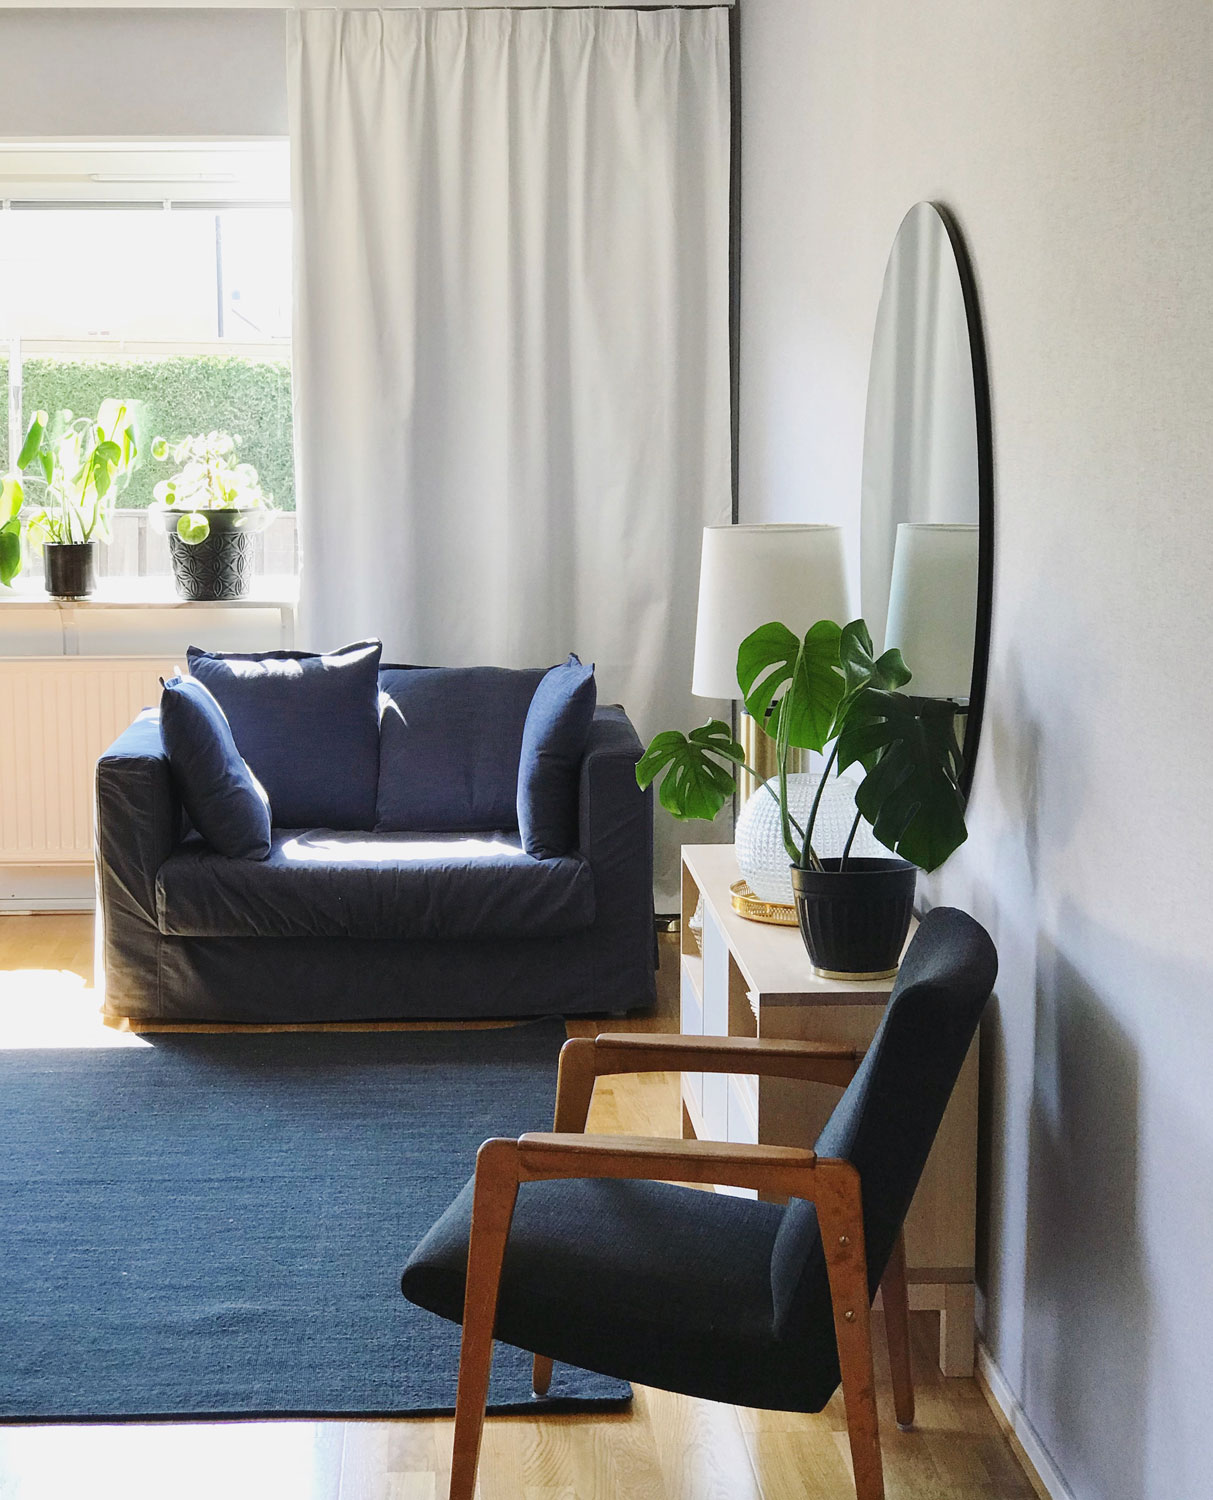 radhus-vardagsrum-renovering-midbec-tapeter